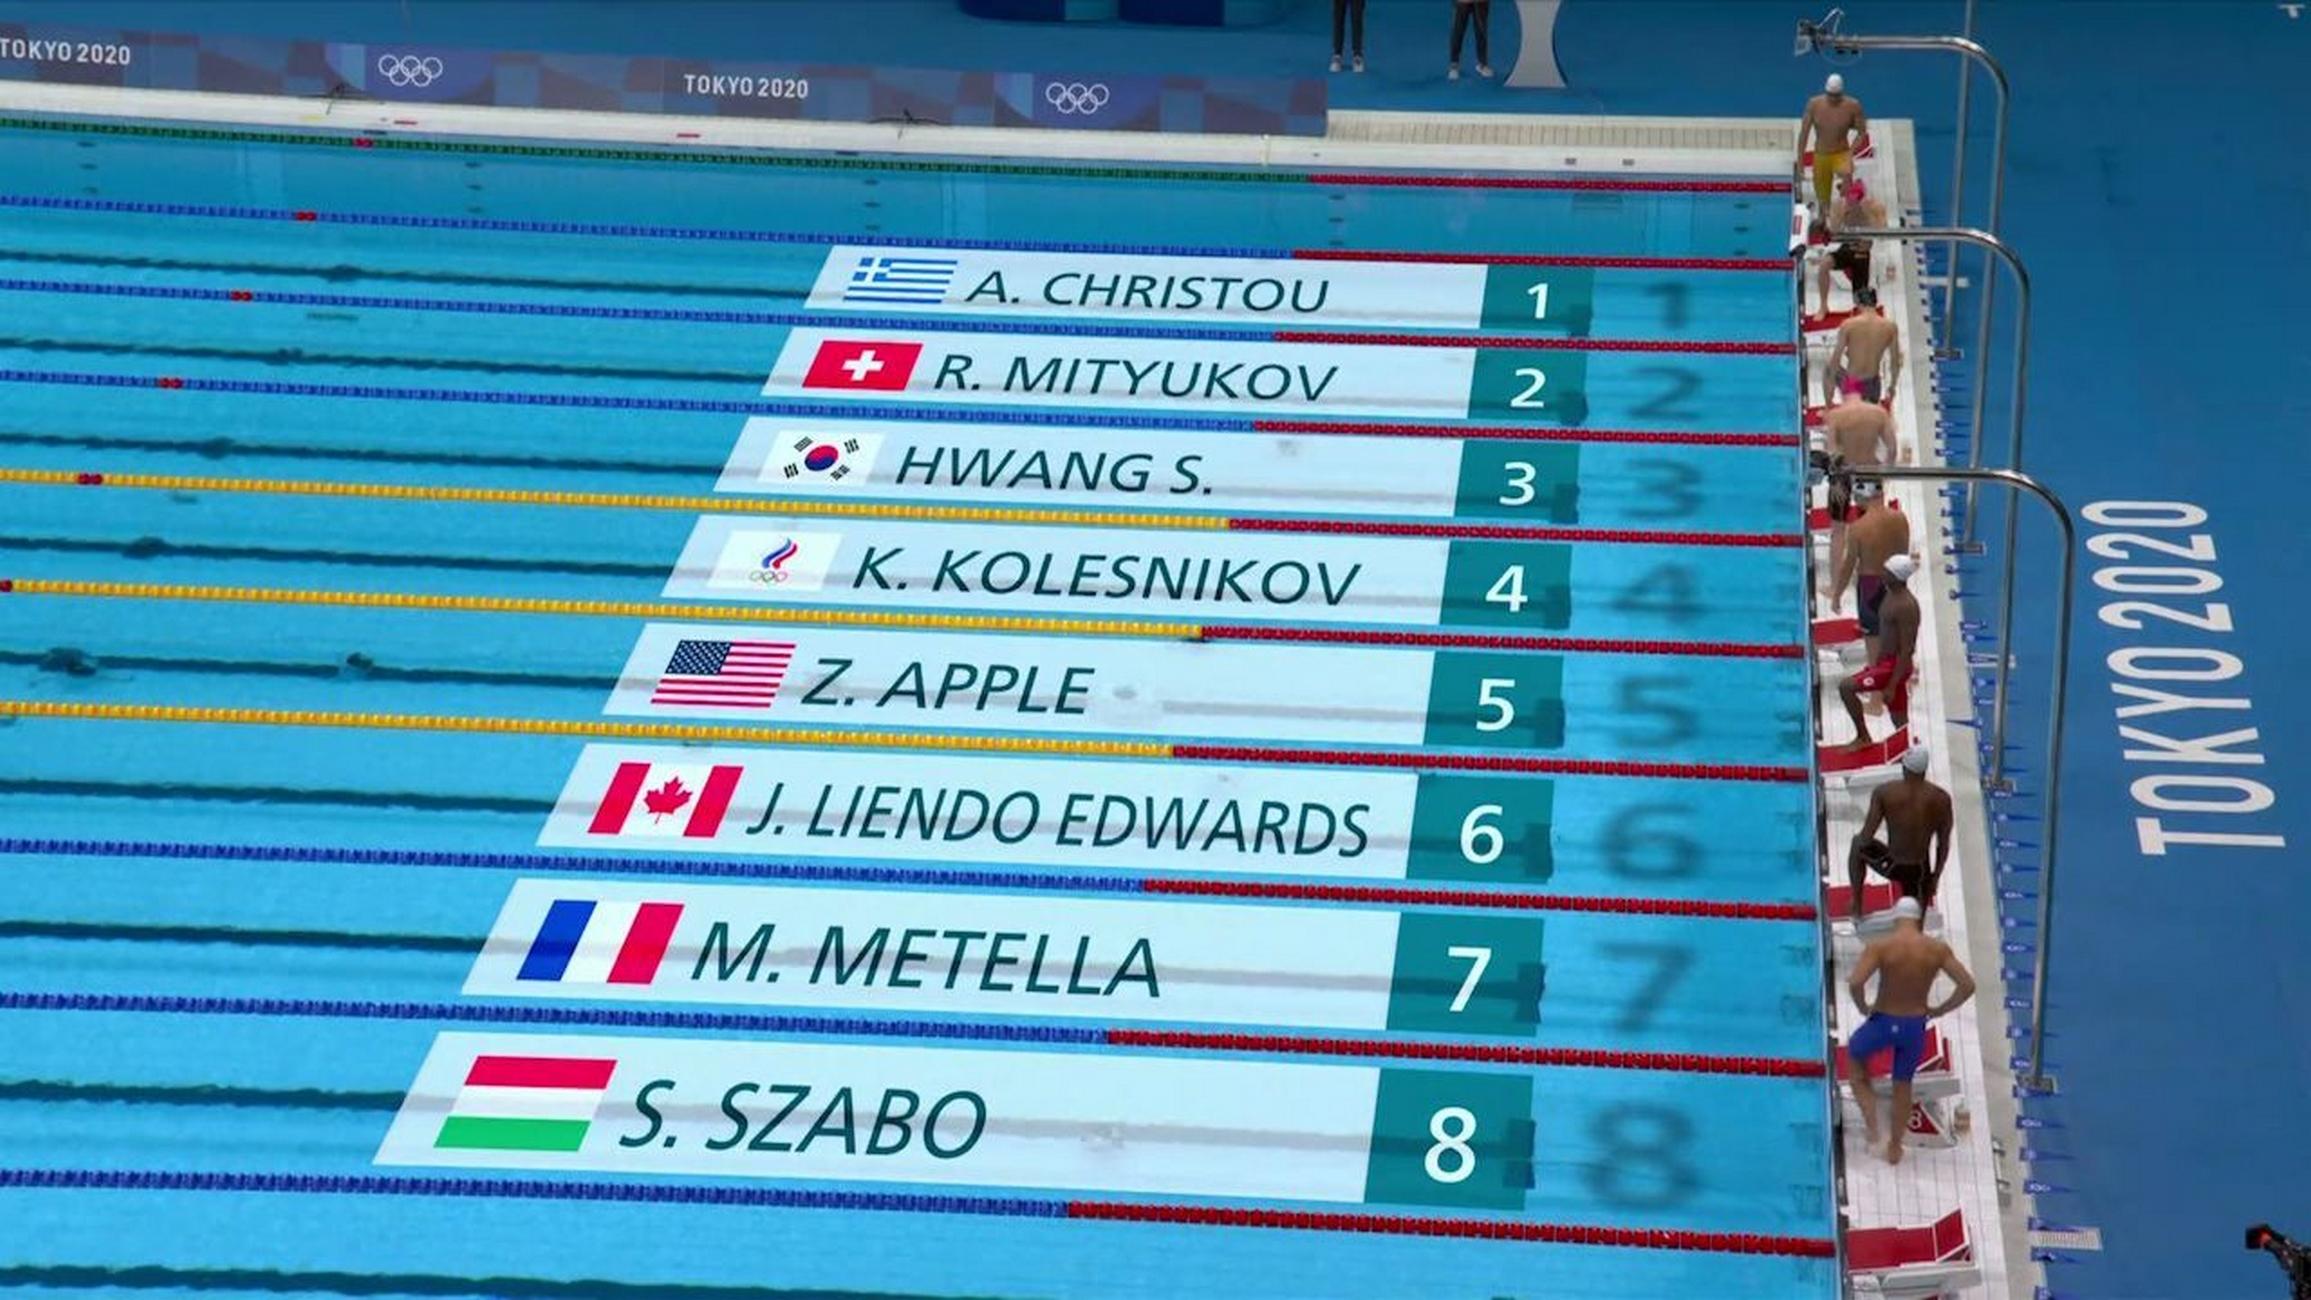 Ολυμπιακοί Αγώνες: Άτυχος ο Χρήστου αποκλείστηκε για 0,06 δευτερόλεπτα